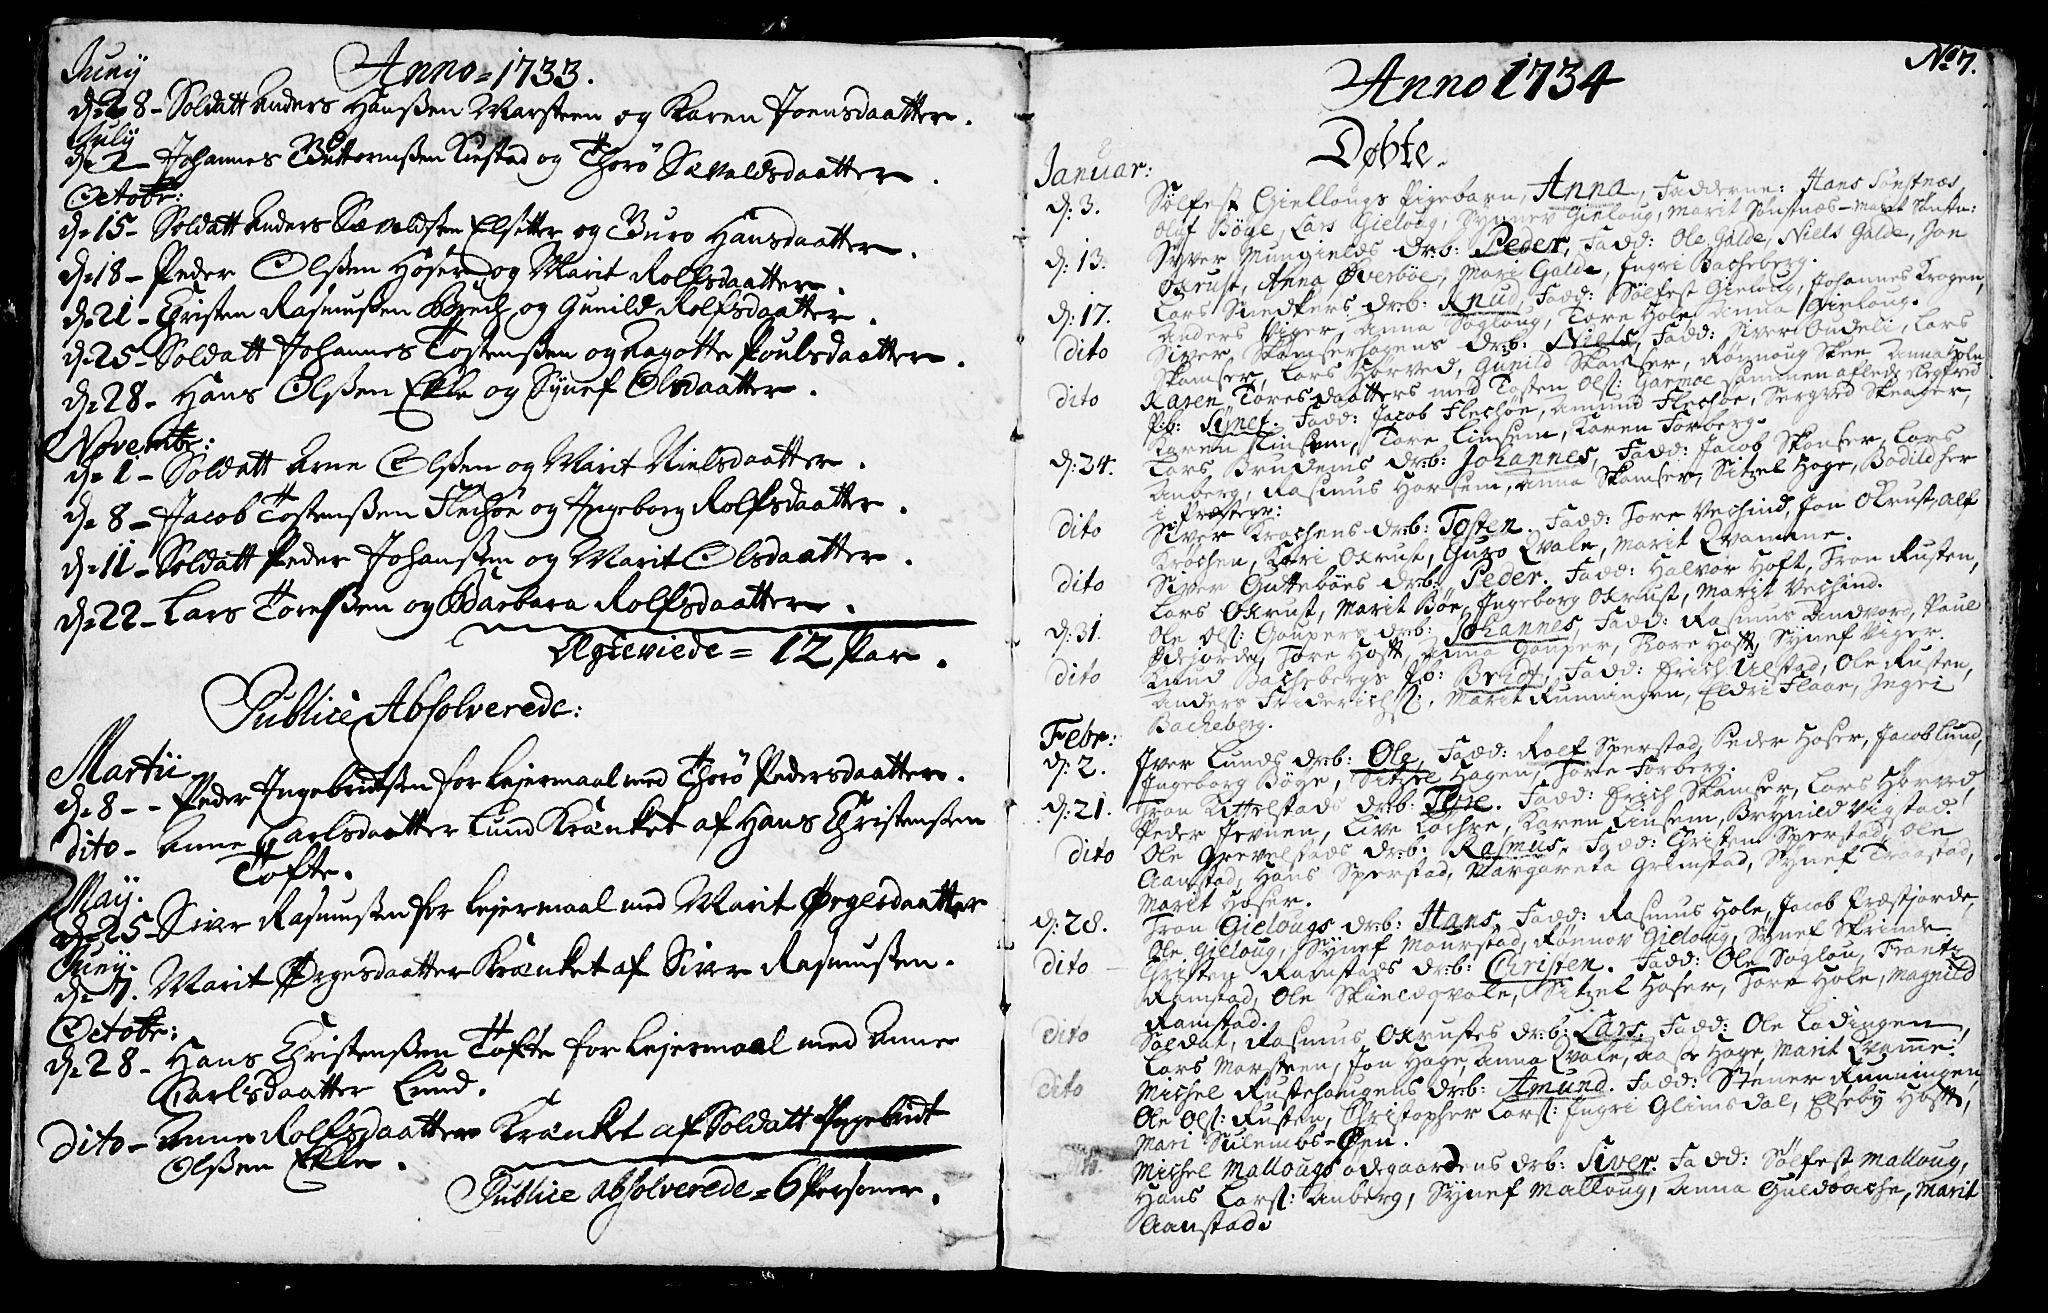 SAH, Lom prestekontor, K/L0001: Ministerialbok nr. 1, 1733-1748, s. 7